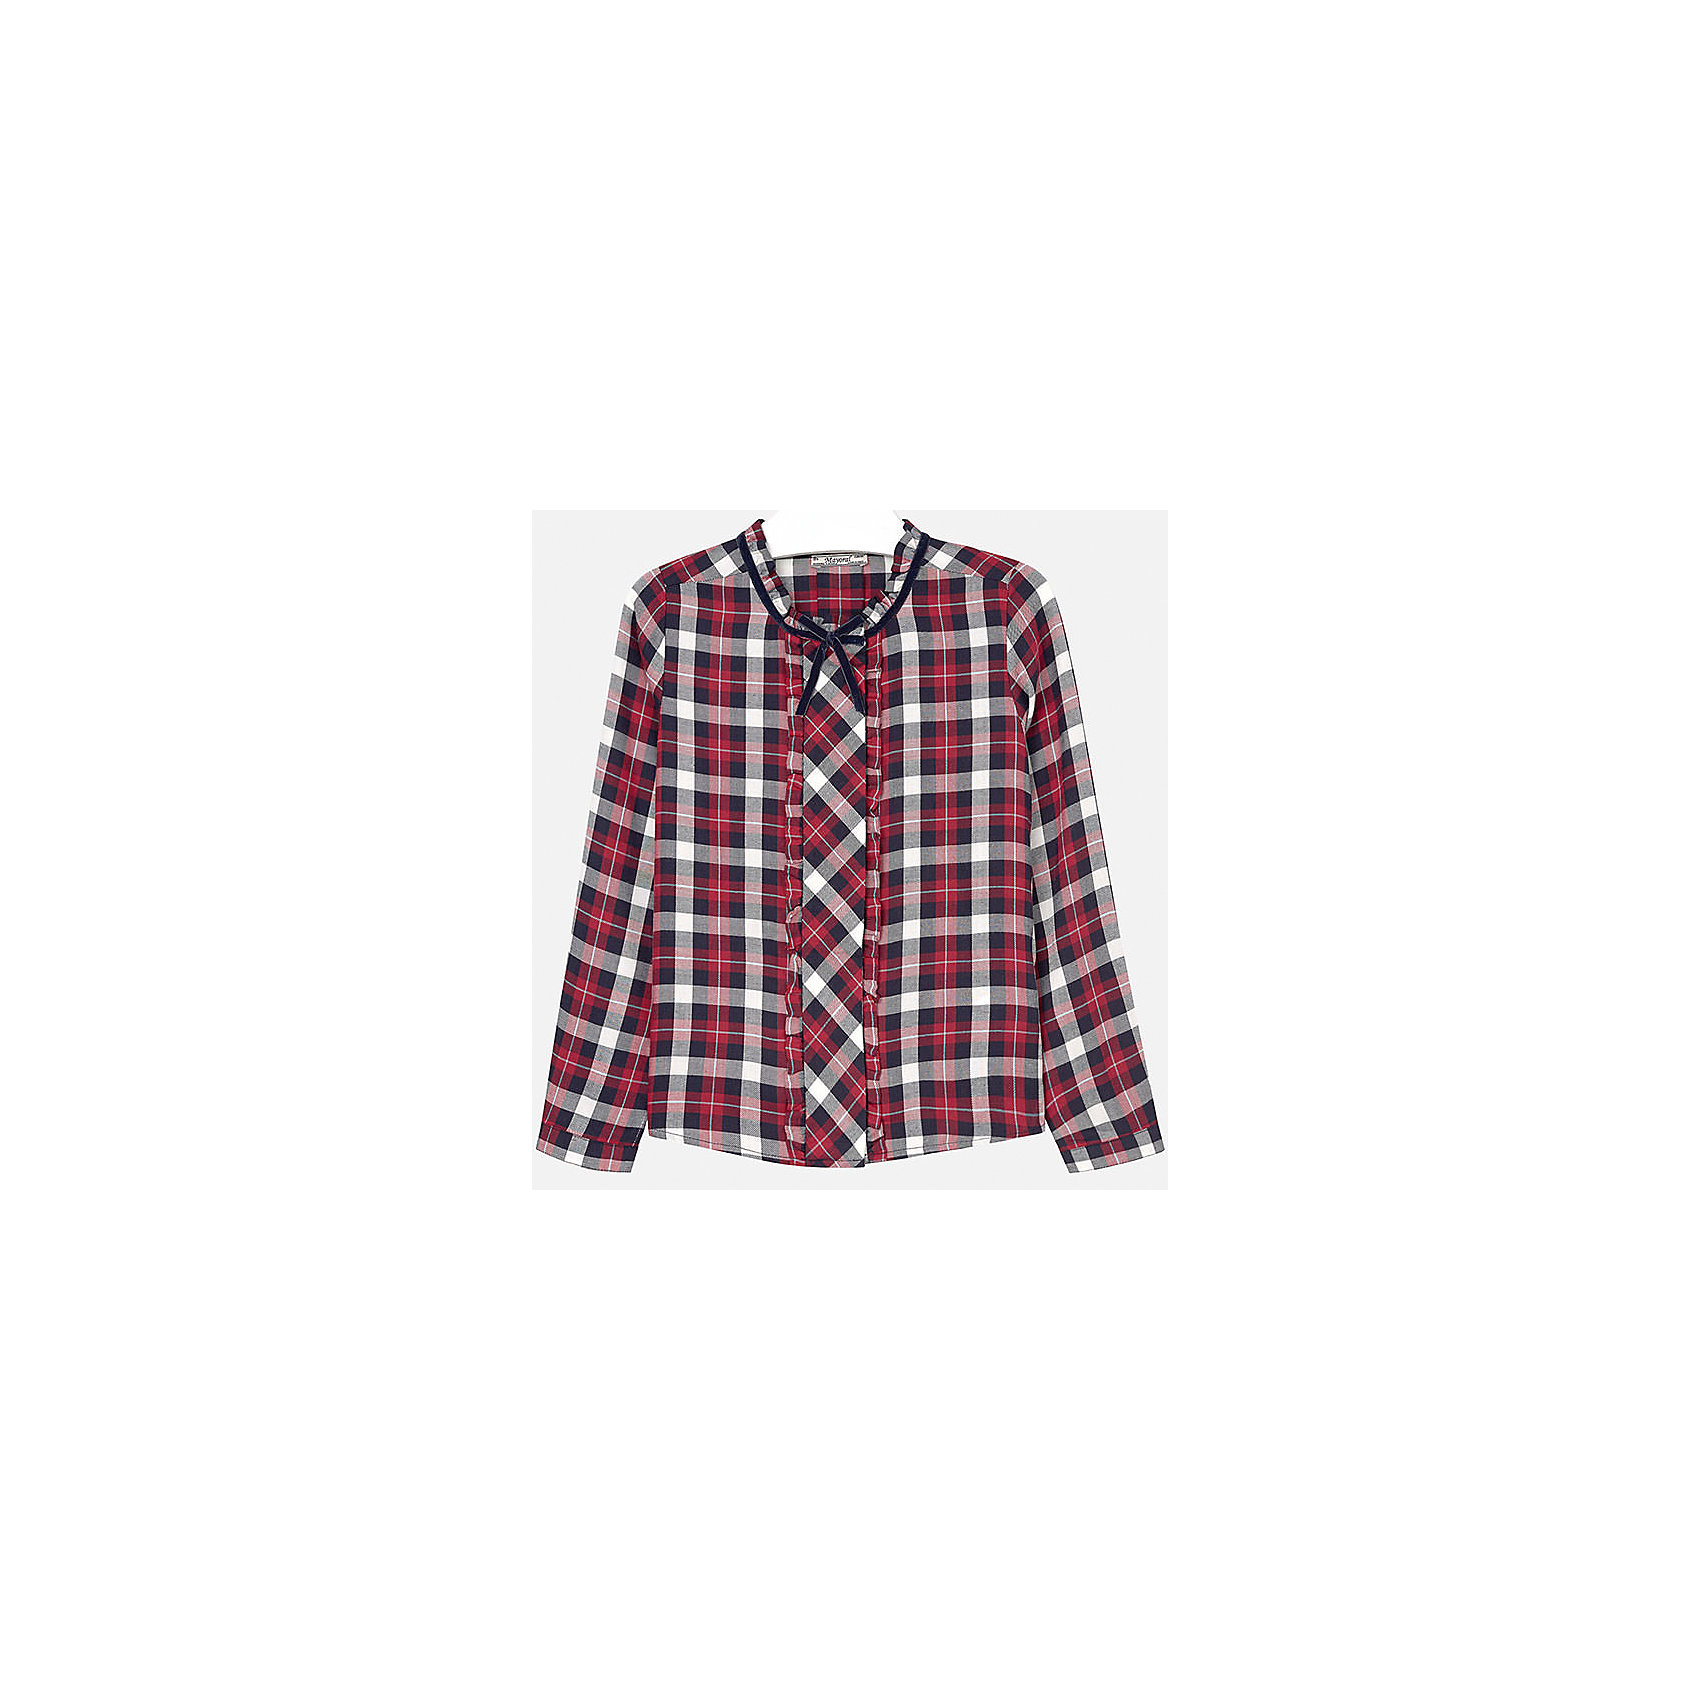 Блузка для девочки MayoralБлузка для девочки от популярного испанского бренда Mayoral(Майорал). Клетчатая блузка с длинным рукавом украшена рюшами и декоративным бантиком. Манжеты застегиваются на пуговицу. Идеальный вариант для повседневной носки.<br>Дополнительная информация:<br>-длинные рукава<br>-украшена рюшами и декоративным бантиком<br>-цвет: красный<br>-состав: 100% вискоза<br>Блузку Mayoral(Майорал) можно купить в нашем интернет-магазине.<br><br>Ширина мм: 186<br>Глубина мм: 87<br>Высота мм: 198<br>Вес г: 197<br>Цвет: красный<br>Возраст от месяцев: 144<br>Возраст до месяцев: 156<br>Пол: Женский<br>Возраст: Детский<br>Размер: 152/158,128/134,146/152,164/170,134/140,158/164<br>SKU: 4847110